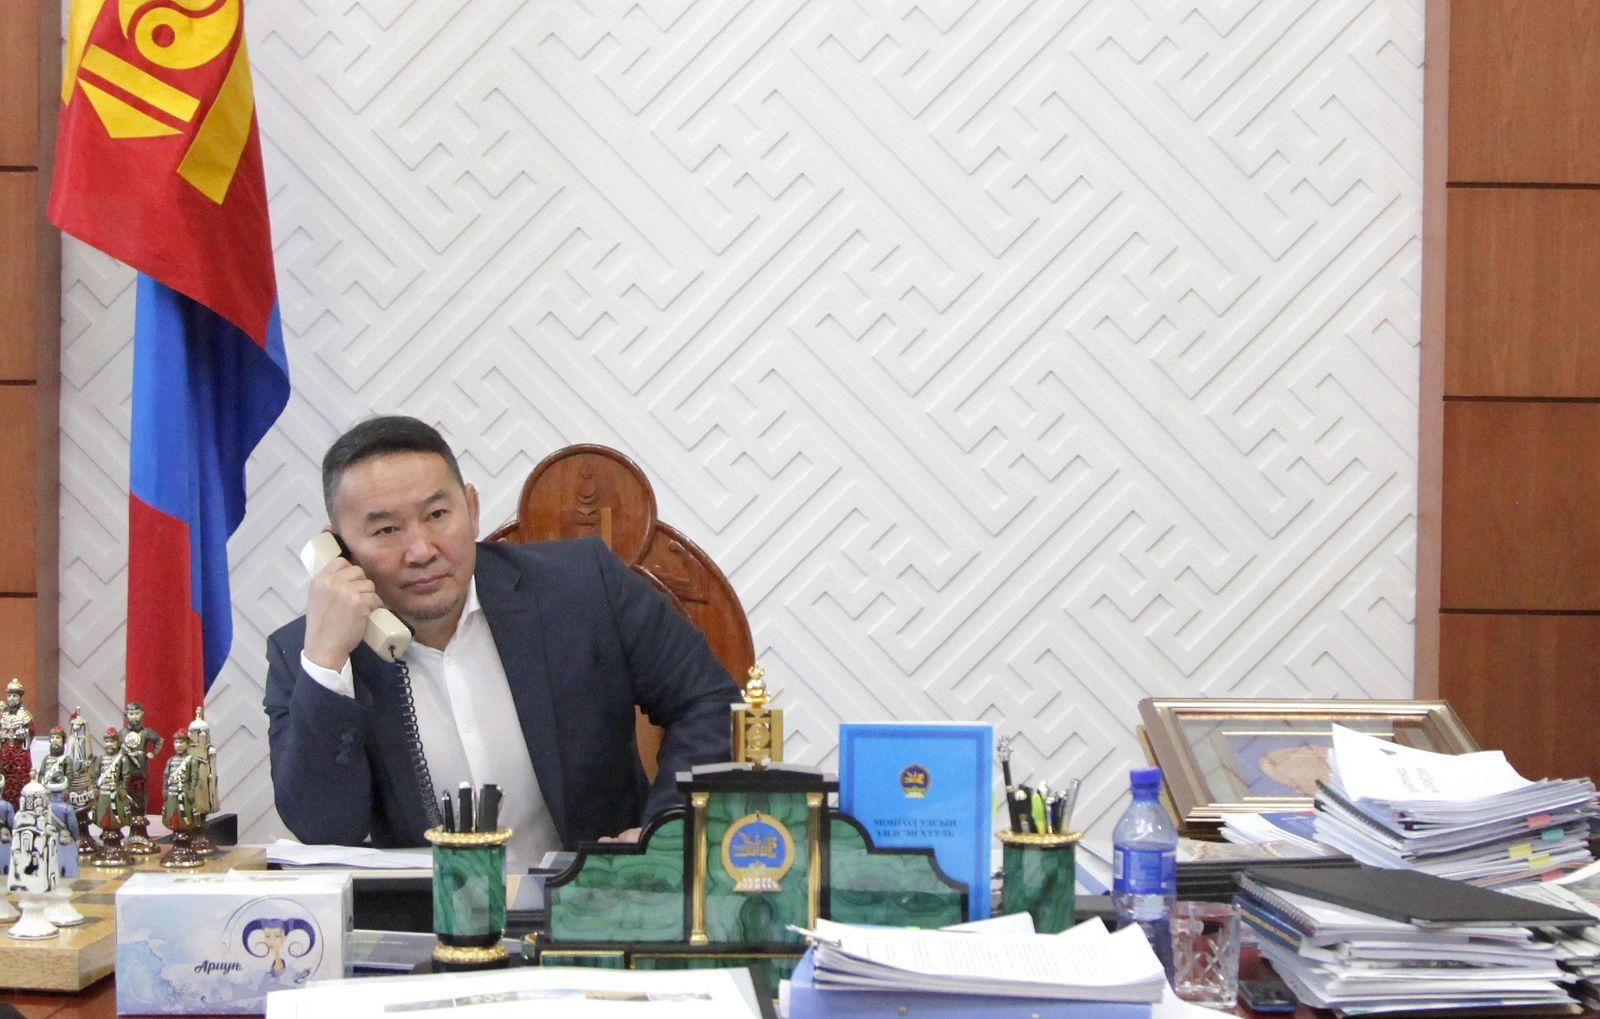 Майк Помпео Монгол Улсад хийх айлчлалаа хойшлуулах болсондоо хүлцэл өчиж, утсаар ярилаа